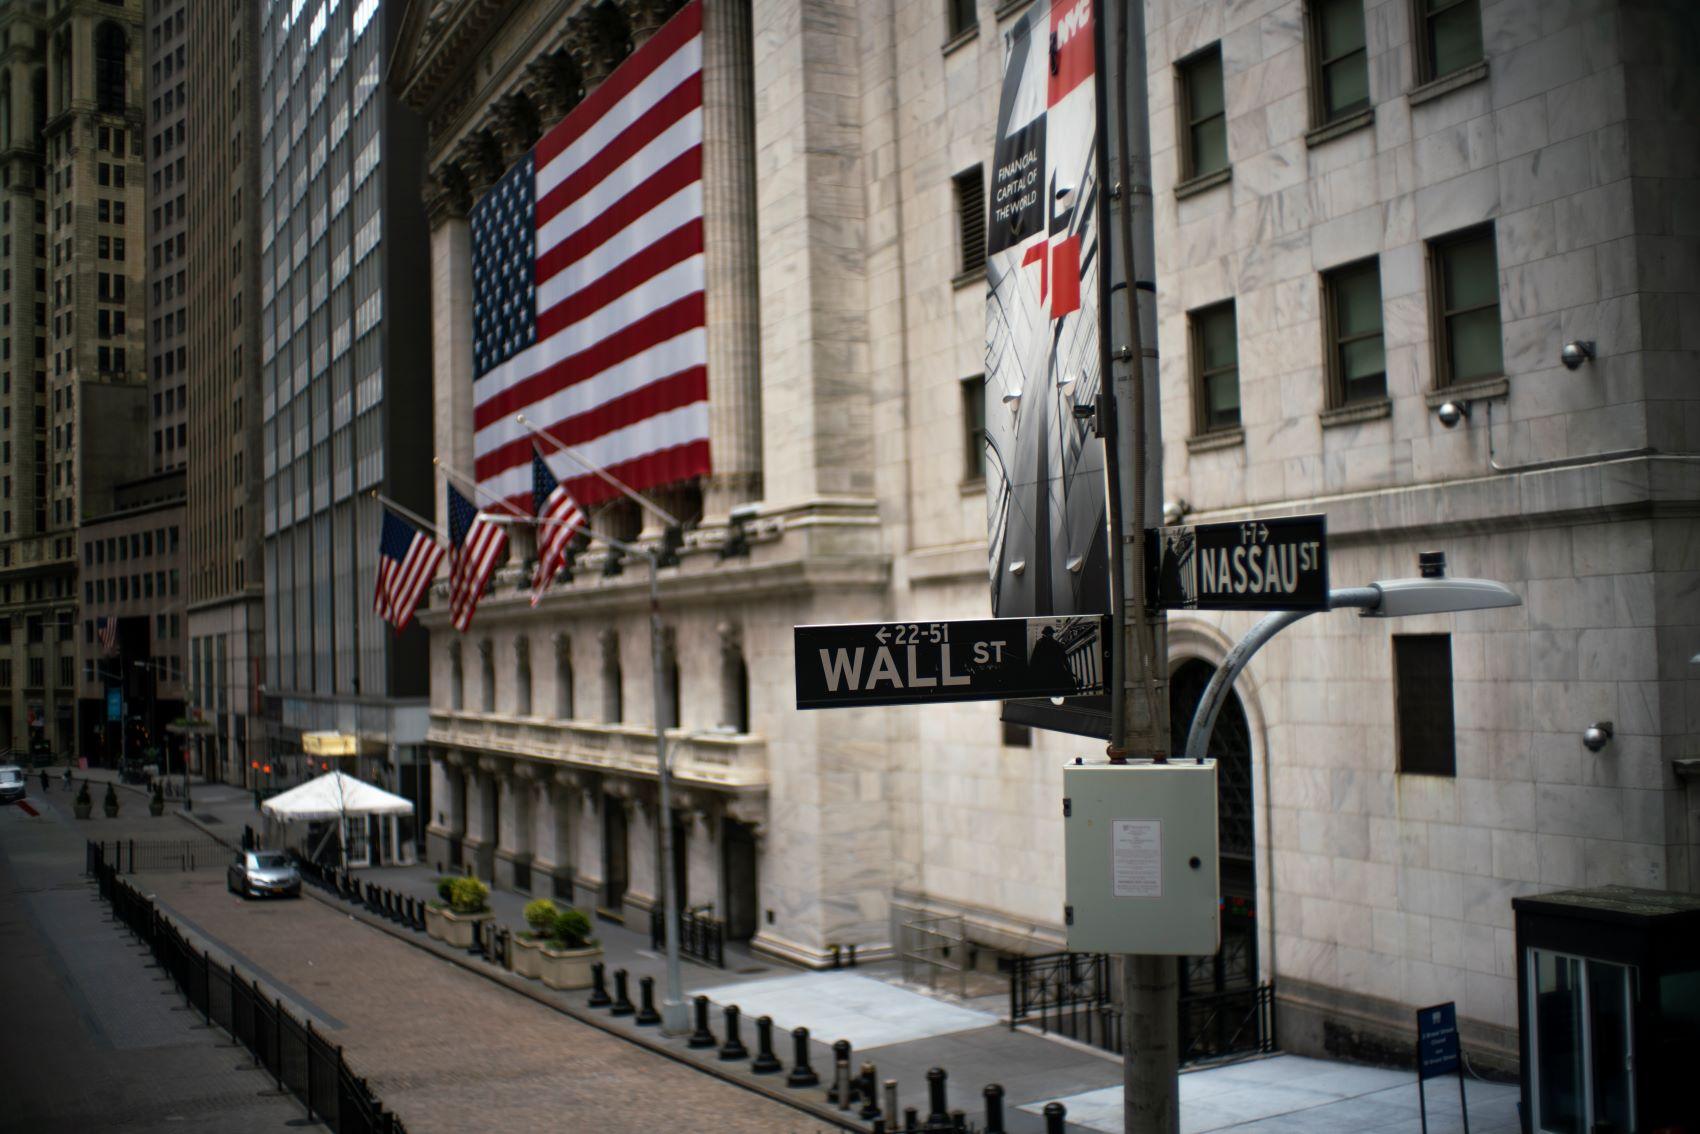 invistaja.info - SEC suspende nos EUA negociação de papéis de 15 empresas por risco a investidores